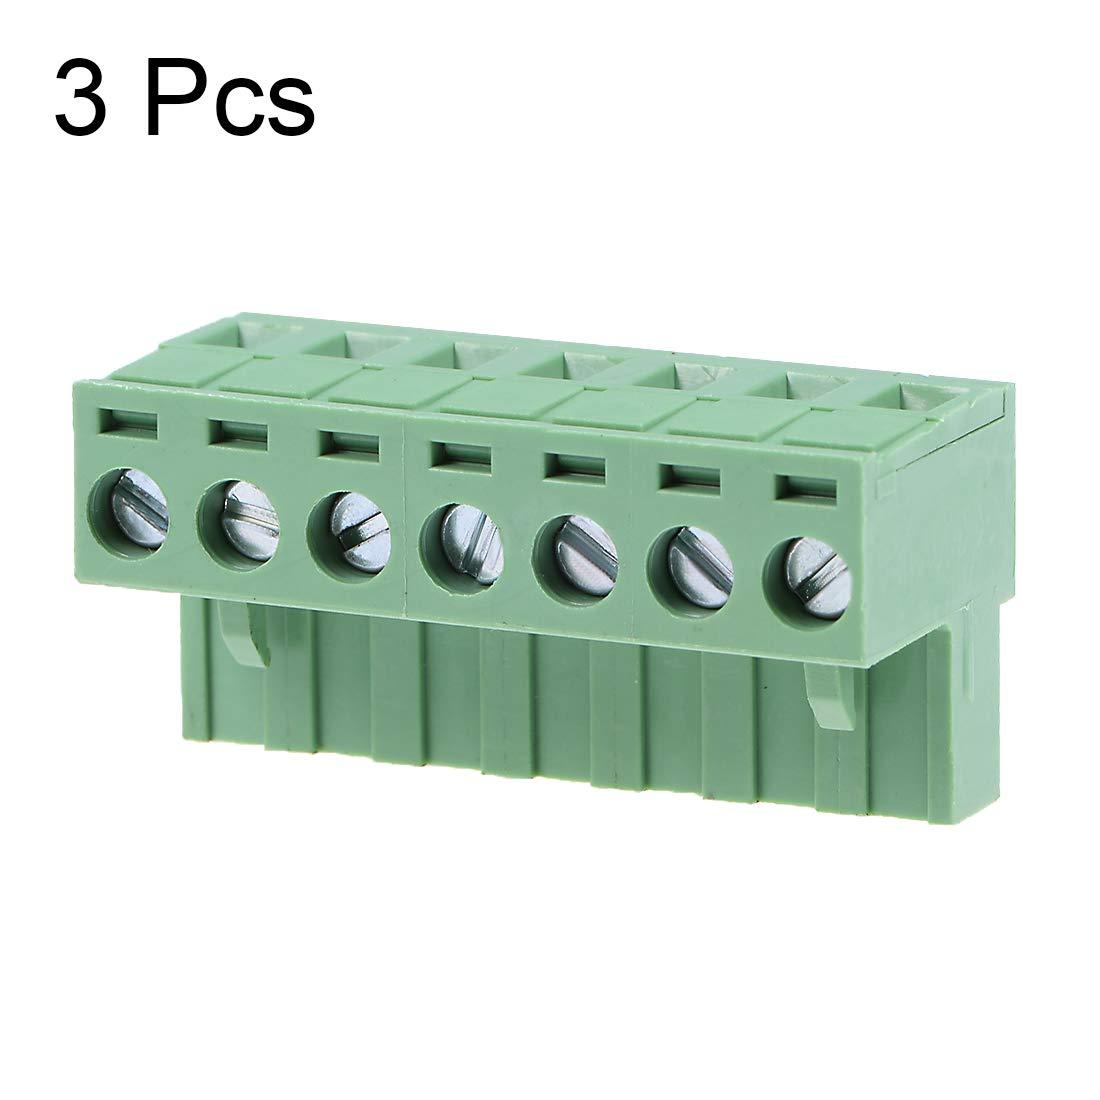 Pack of 100 1722533023-10-N7-D 10 PRE-CRIMP 1858//19 BROWN